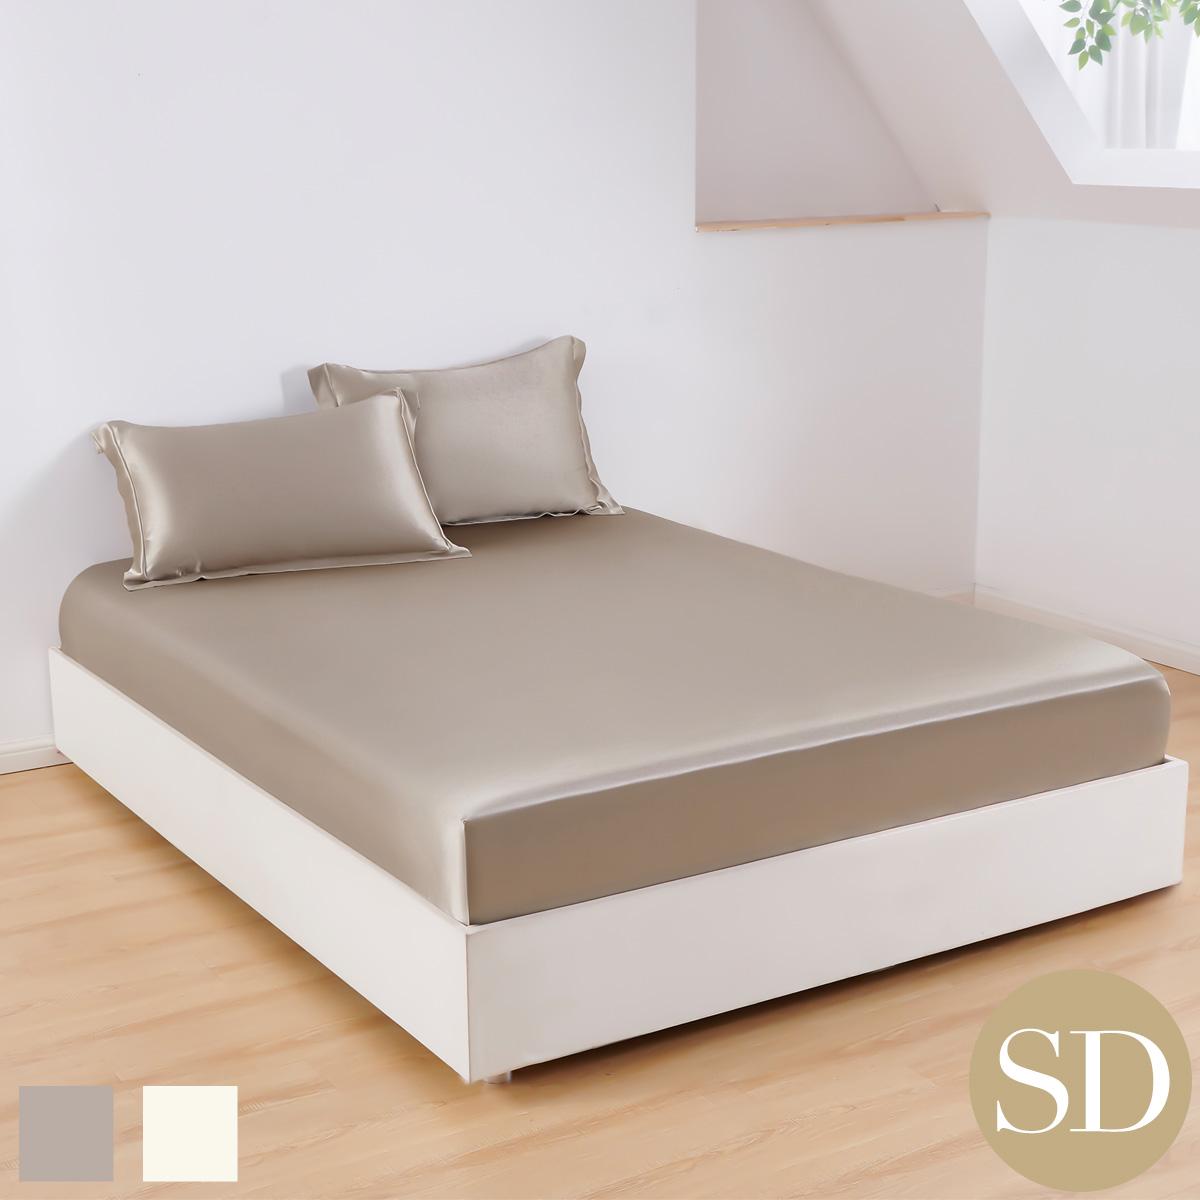 セミダブル   120×200cm   高さ38cm   ボックスシーツ1枚   包み型スタンダード枕カバー2枚   22匁 シルク